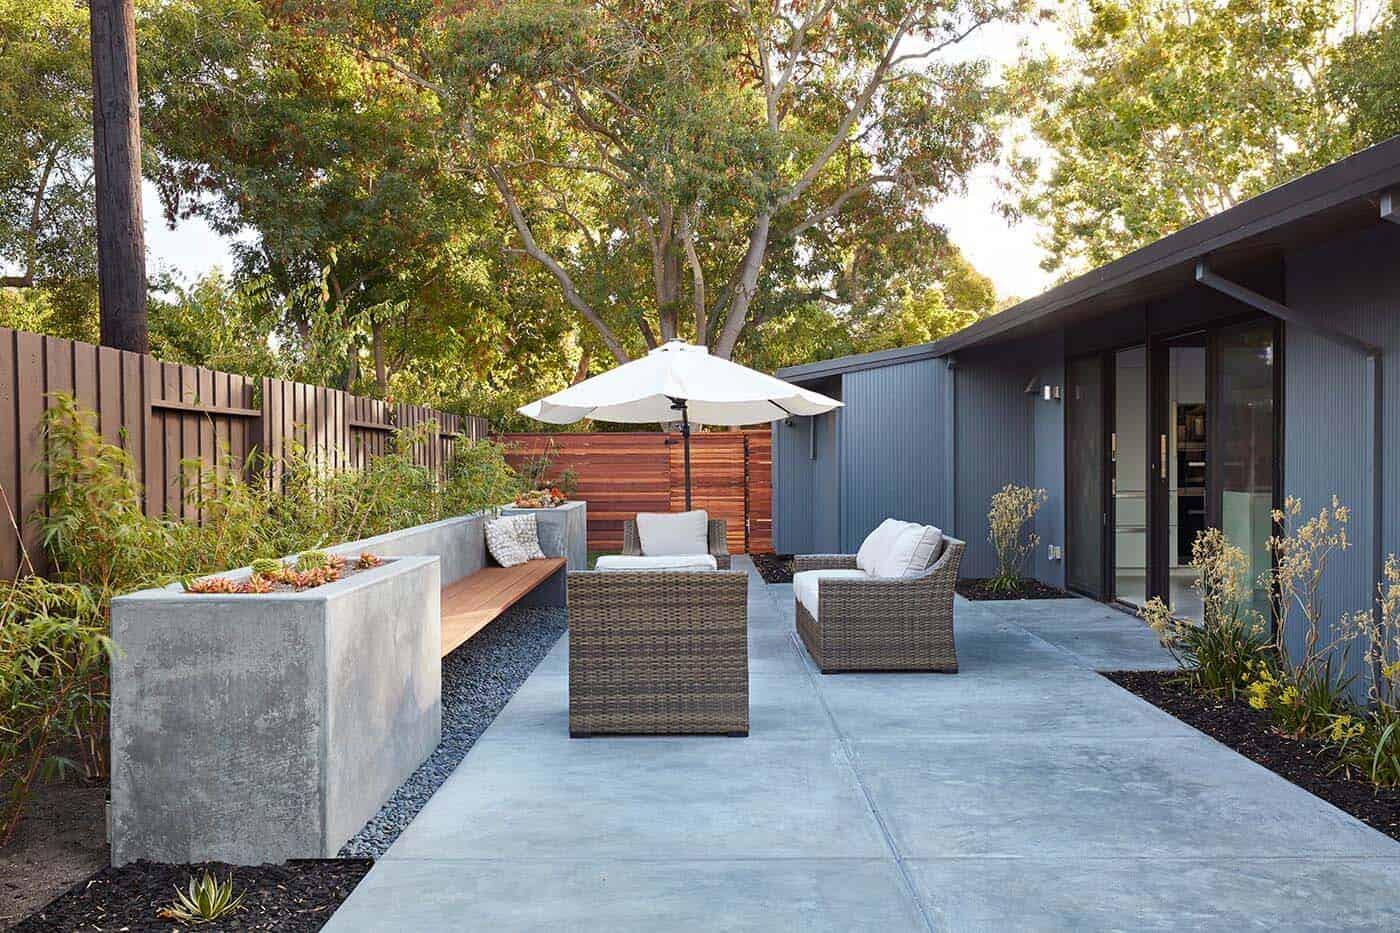 eichler-remodel-midcentury-exterior-patio